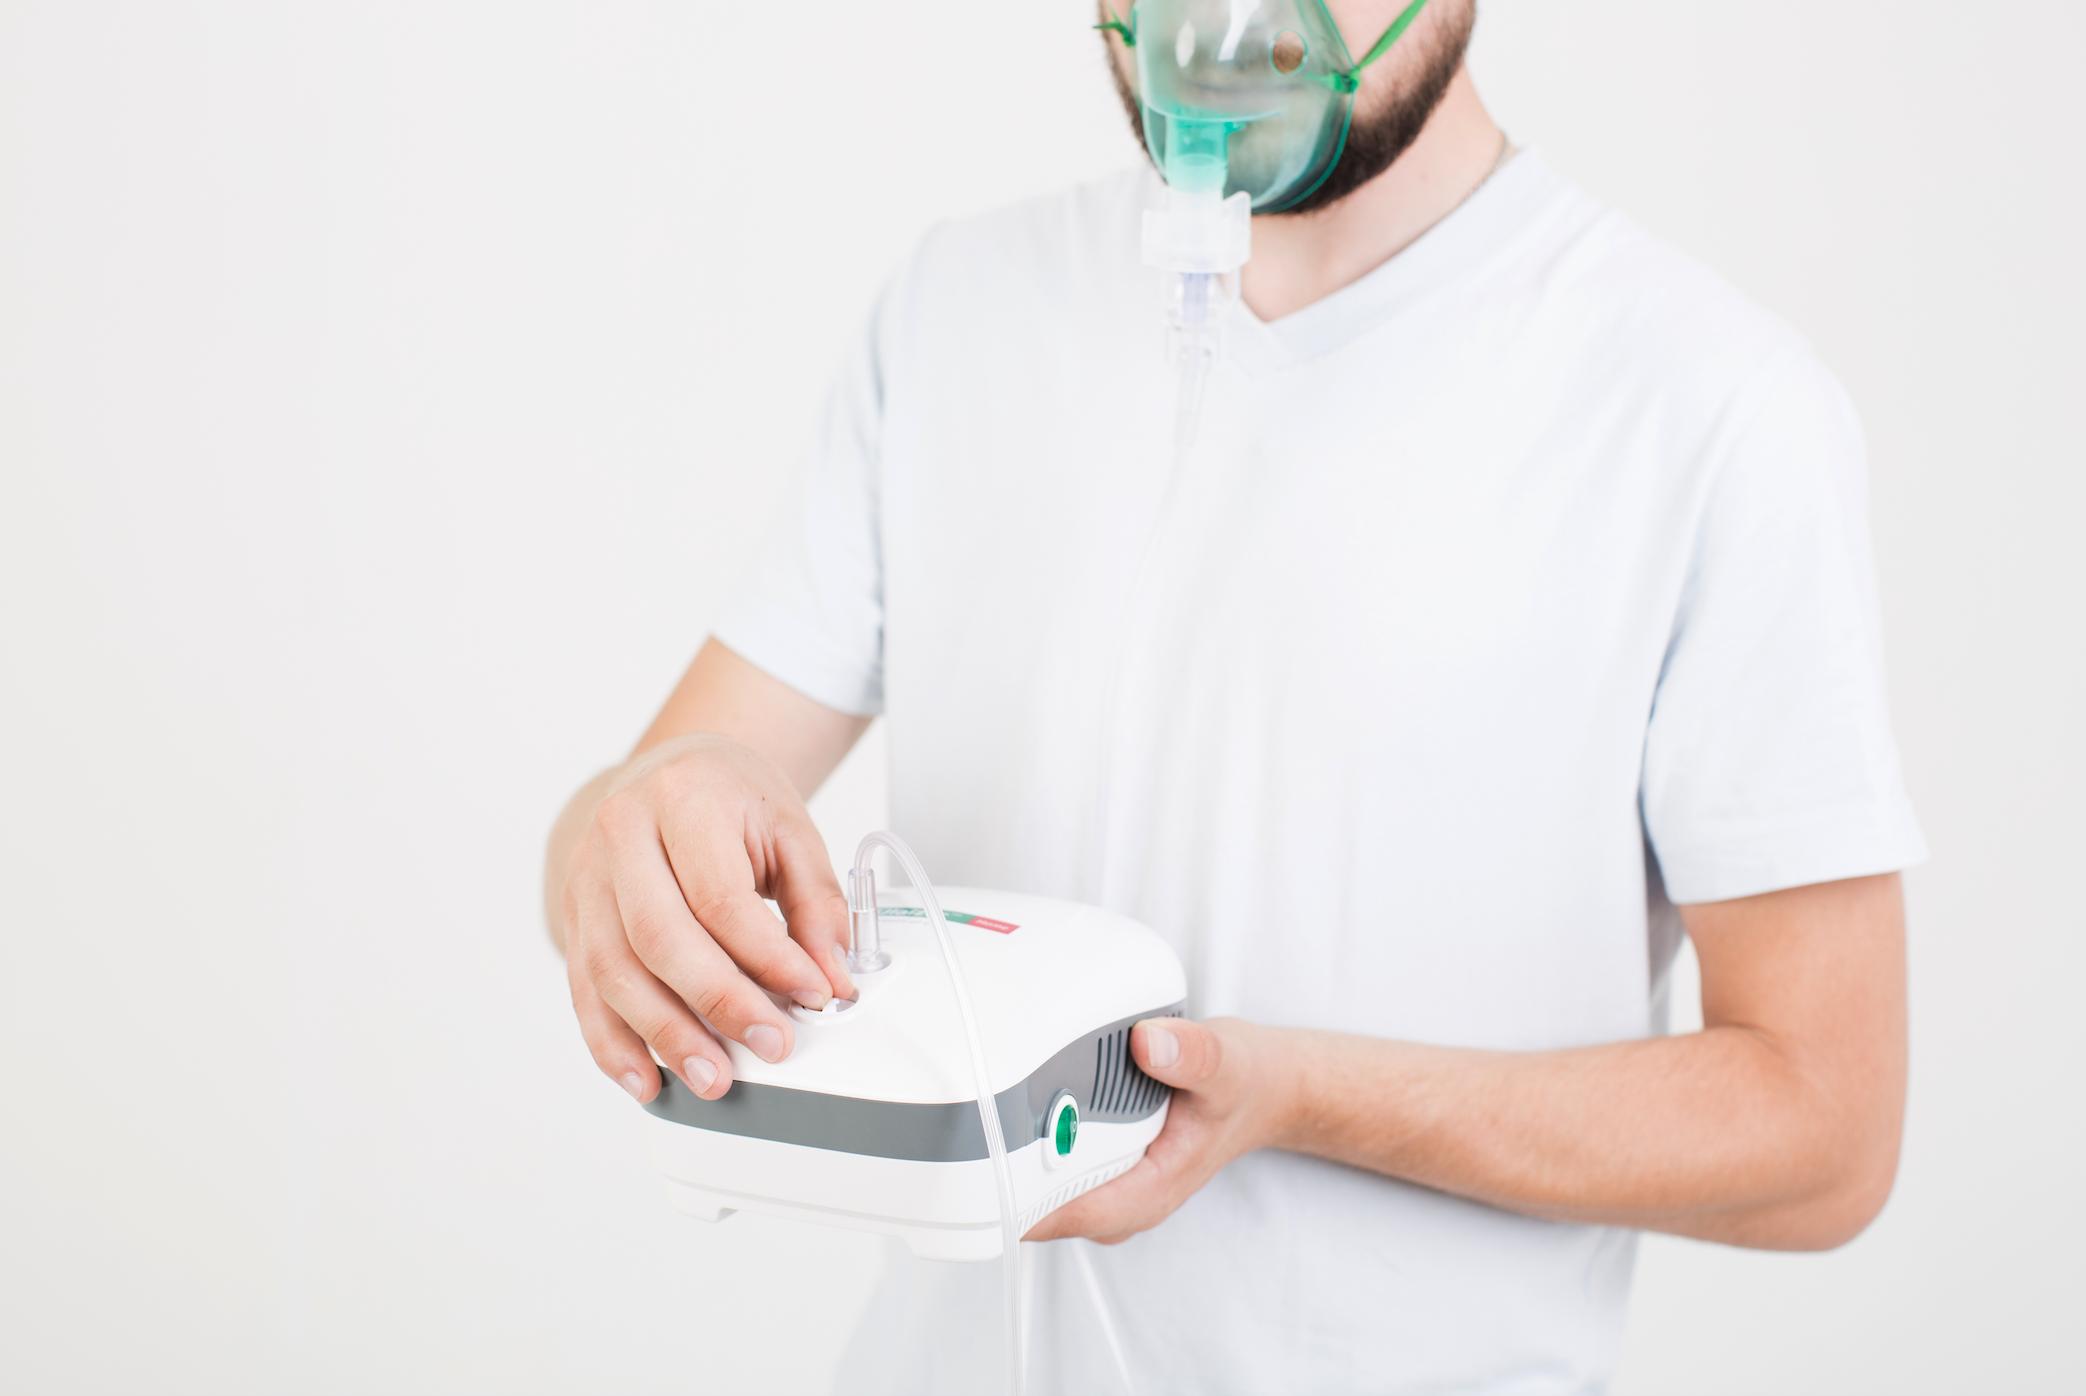 Pria menggunakan alat nebulizer